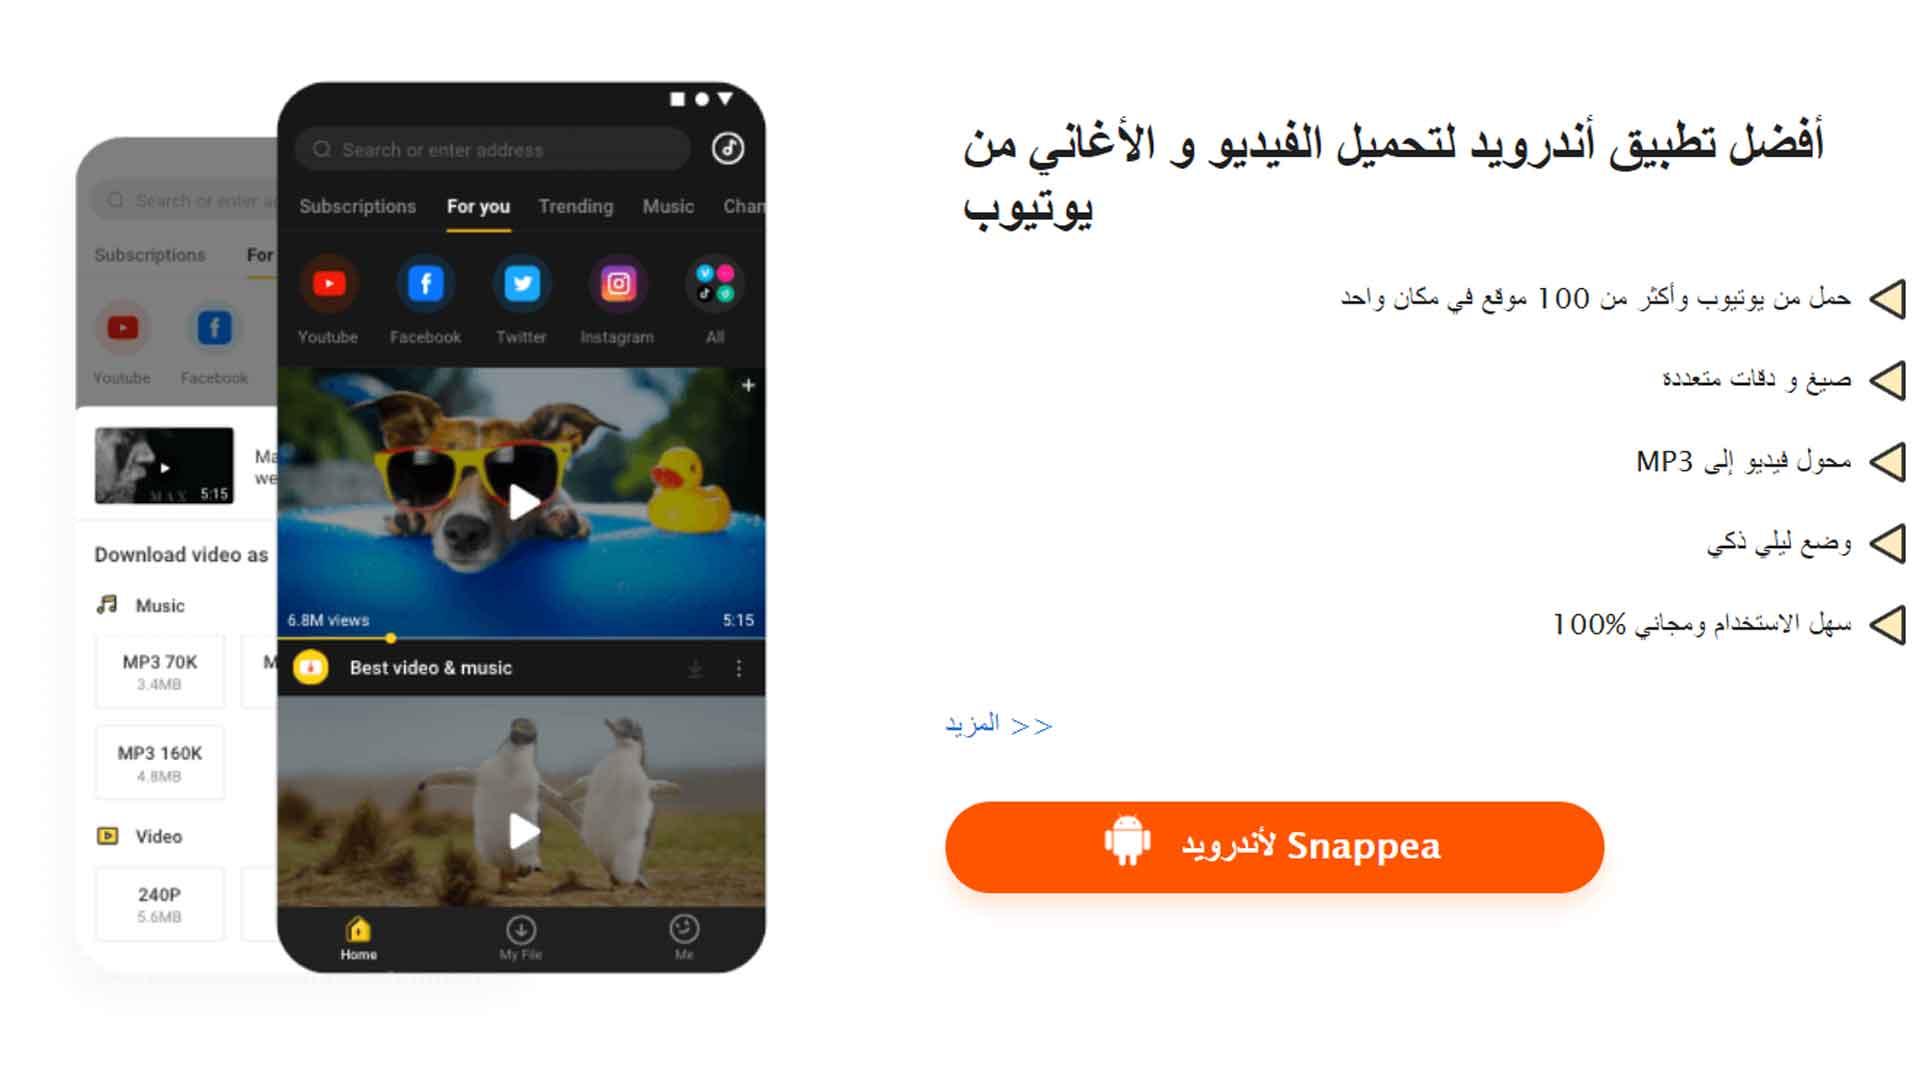 افضل تطبيق وموقع لتحميل الفيديوهات من اليوتيوب والاغانى 2020 (snappea)